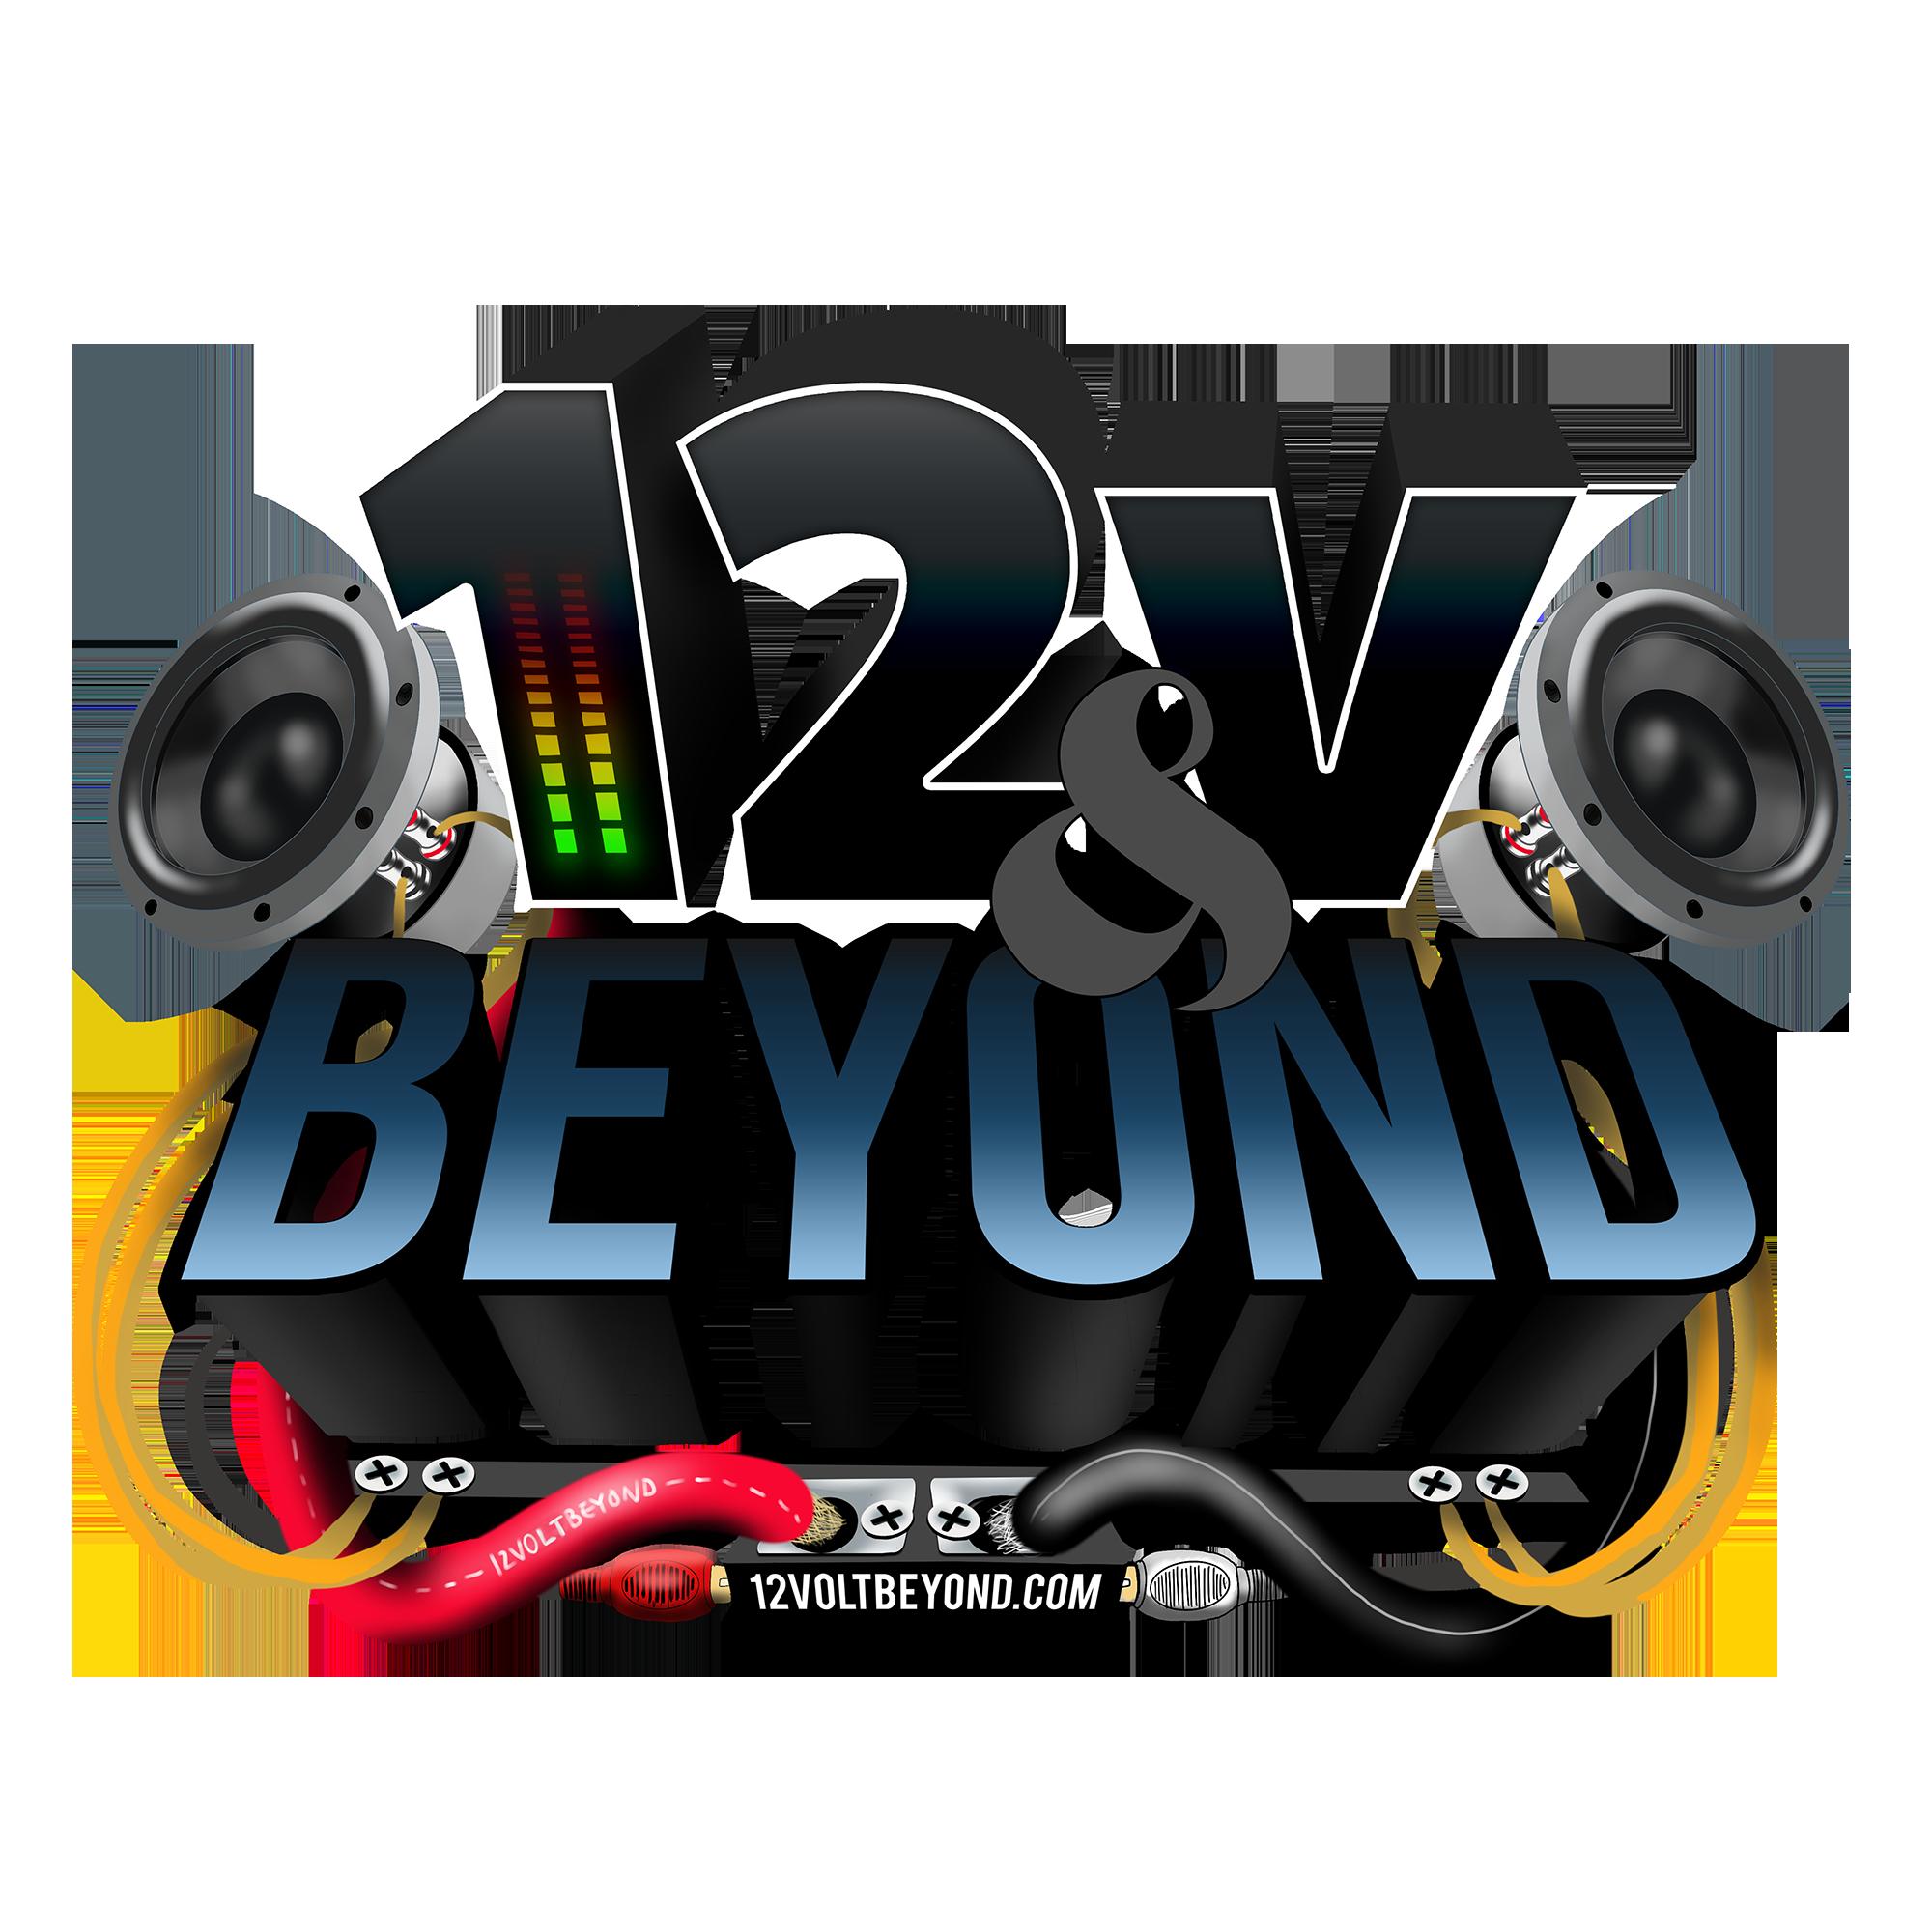 12 Volt & Beyond